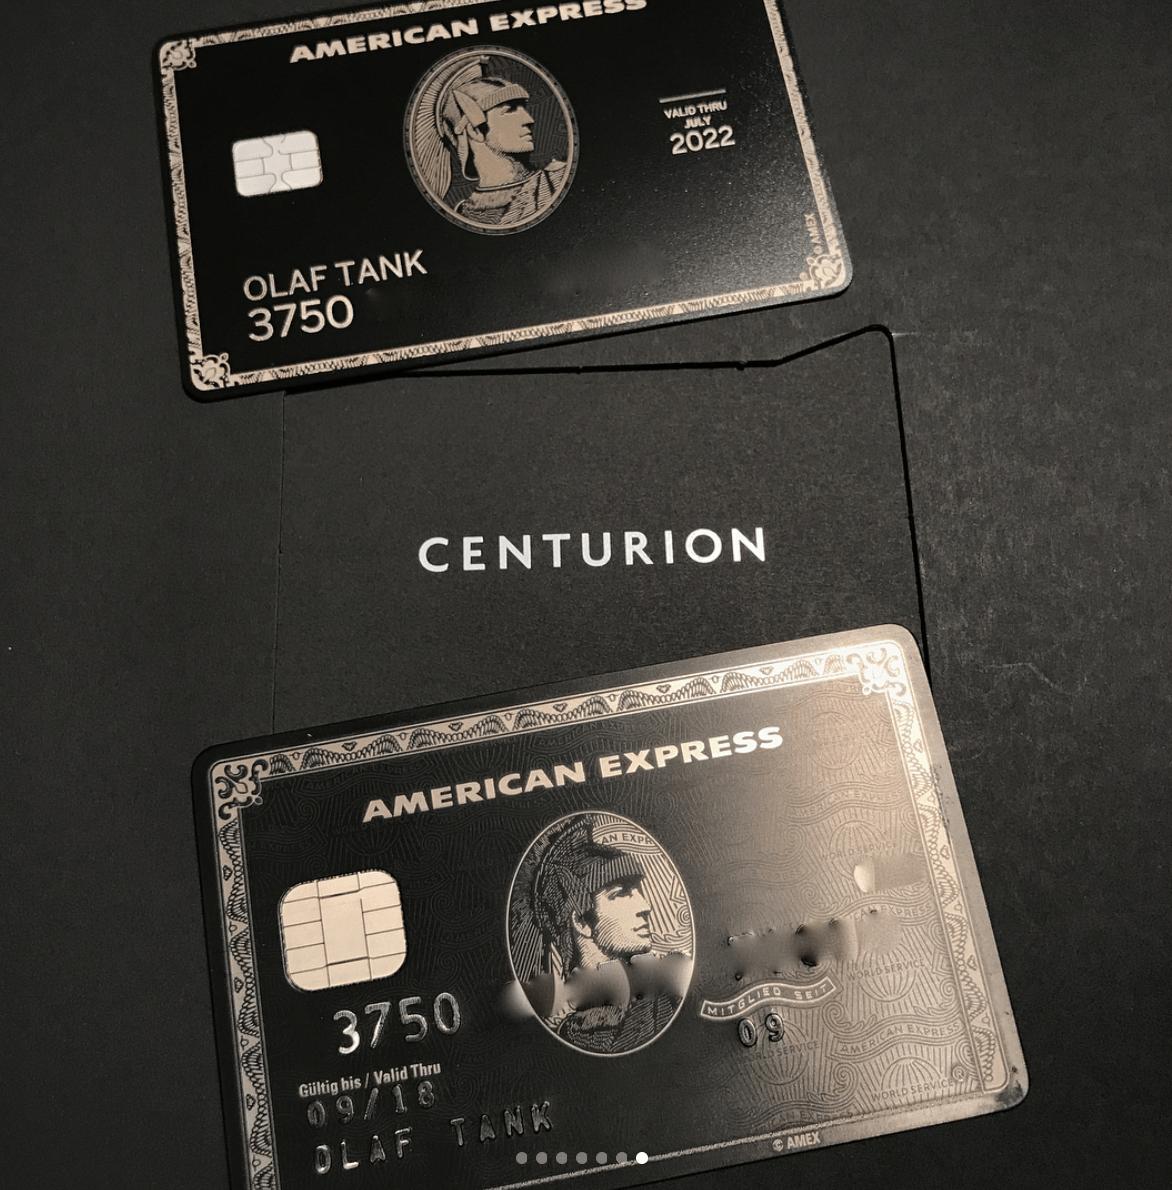 American Express Black Card Replica